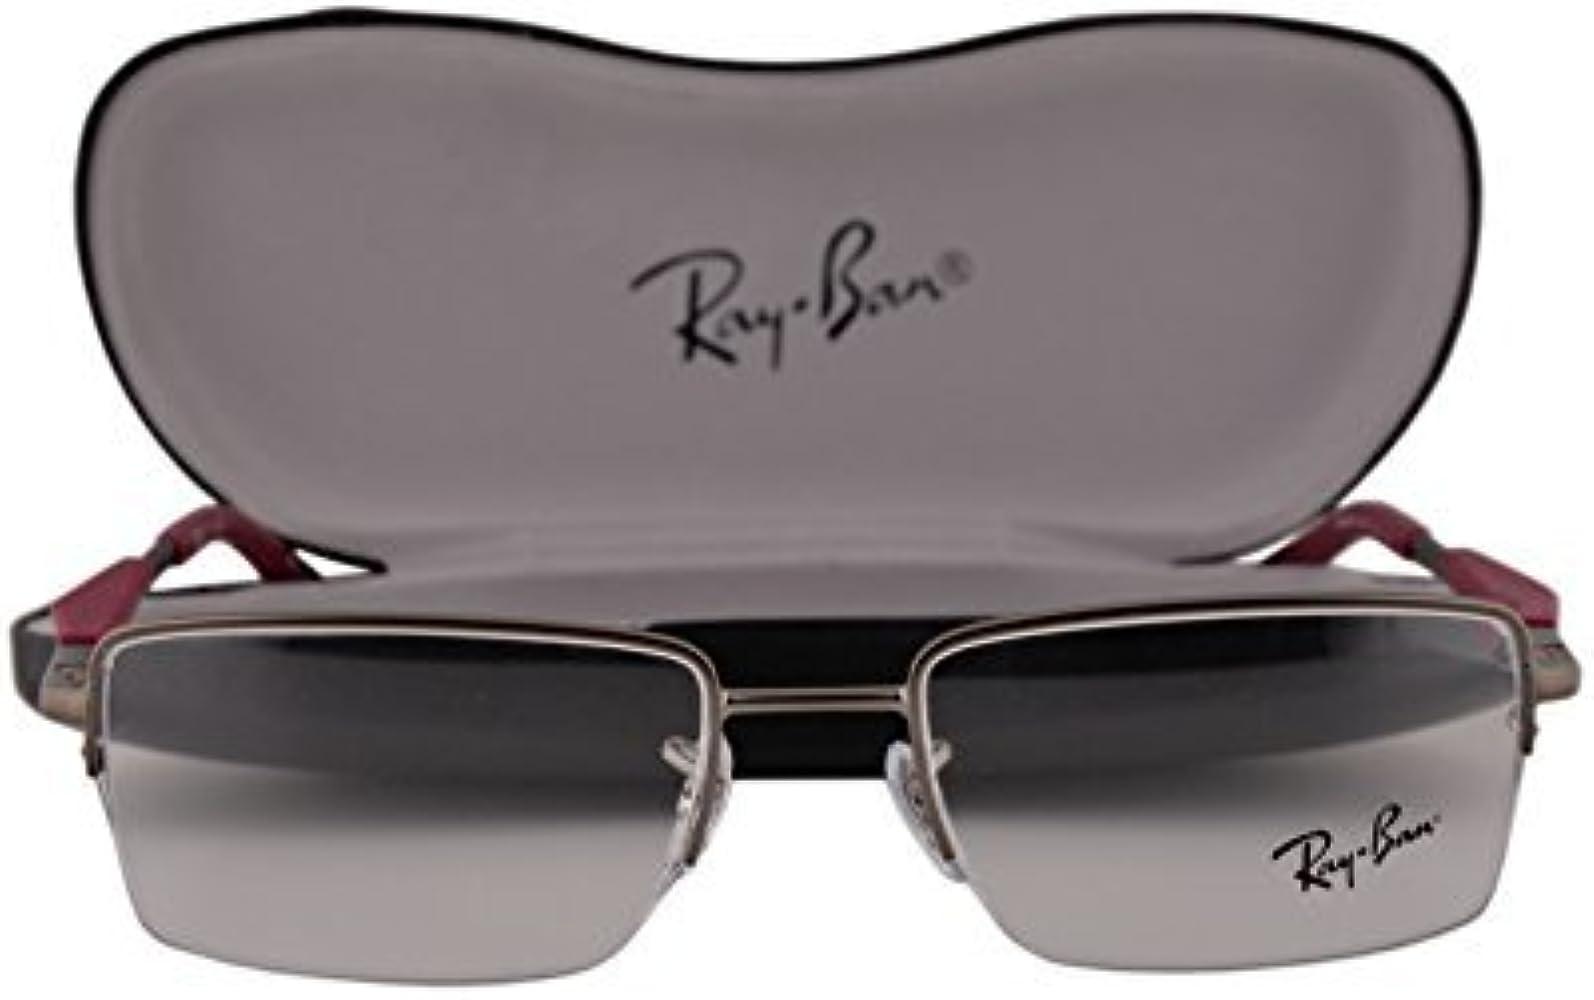 Ray-Ban RX6285 Anteojos 51-18-140 2620 RB6285 RX 6285 RB 6285 unisex-adulto mate bronce de cañón Grande: Amazon.es: Ropa y accesorios